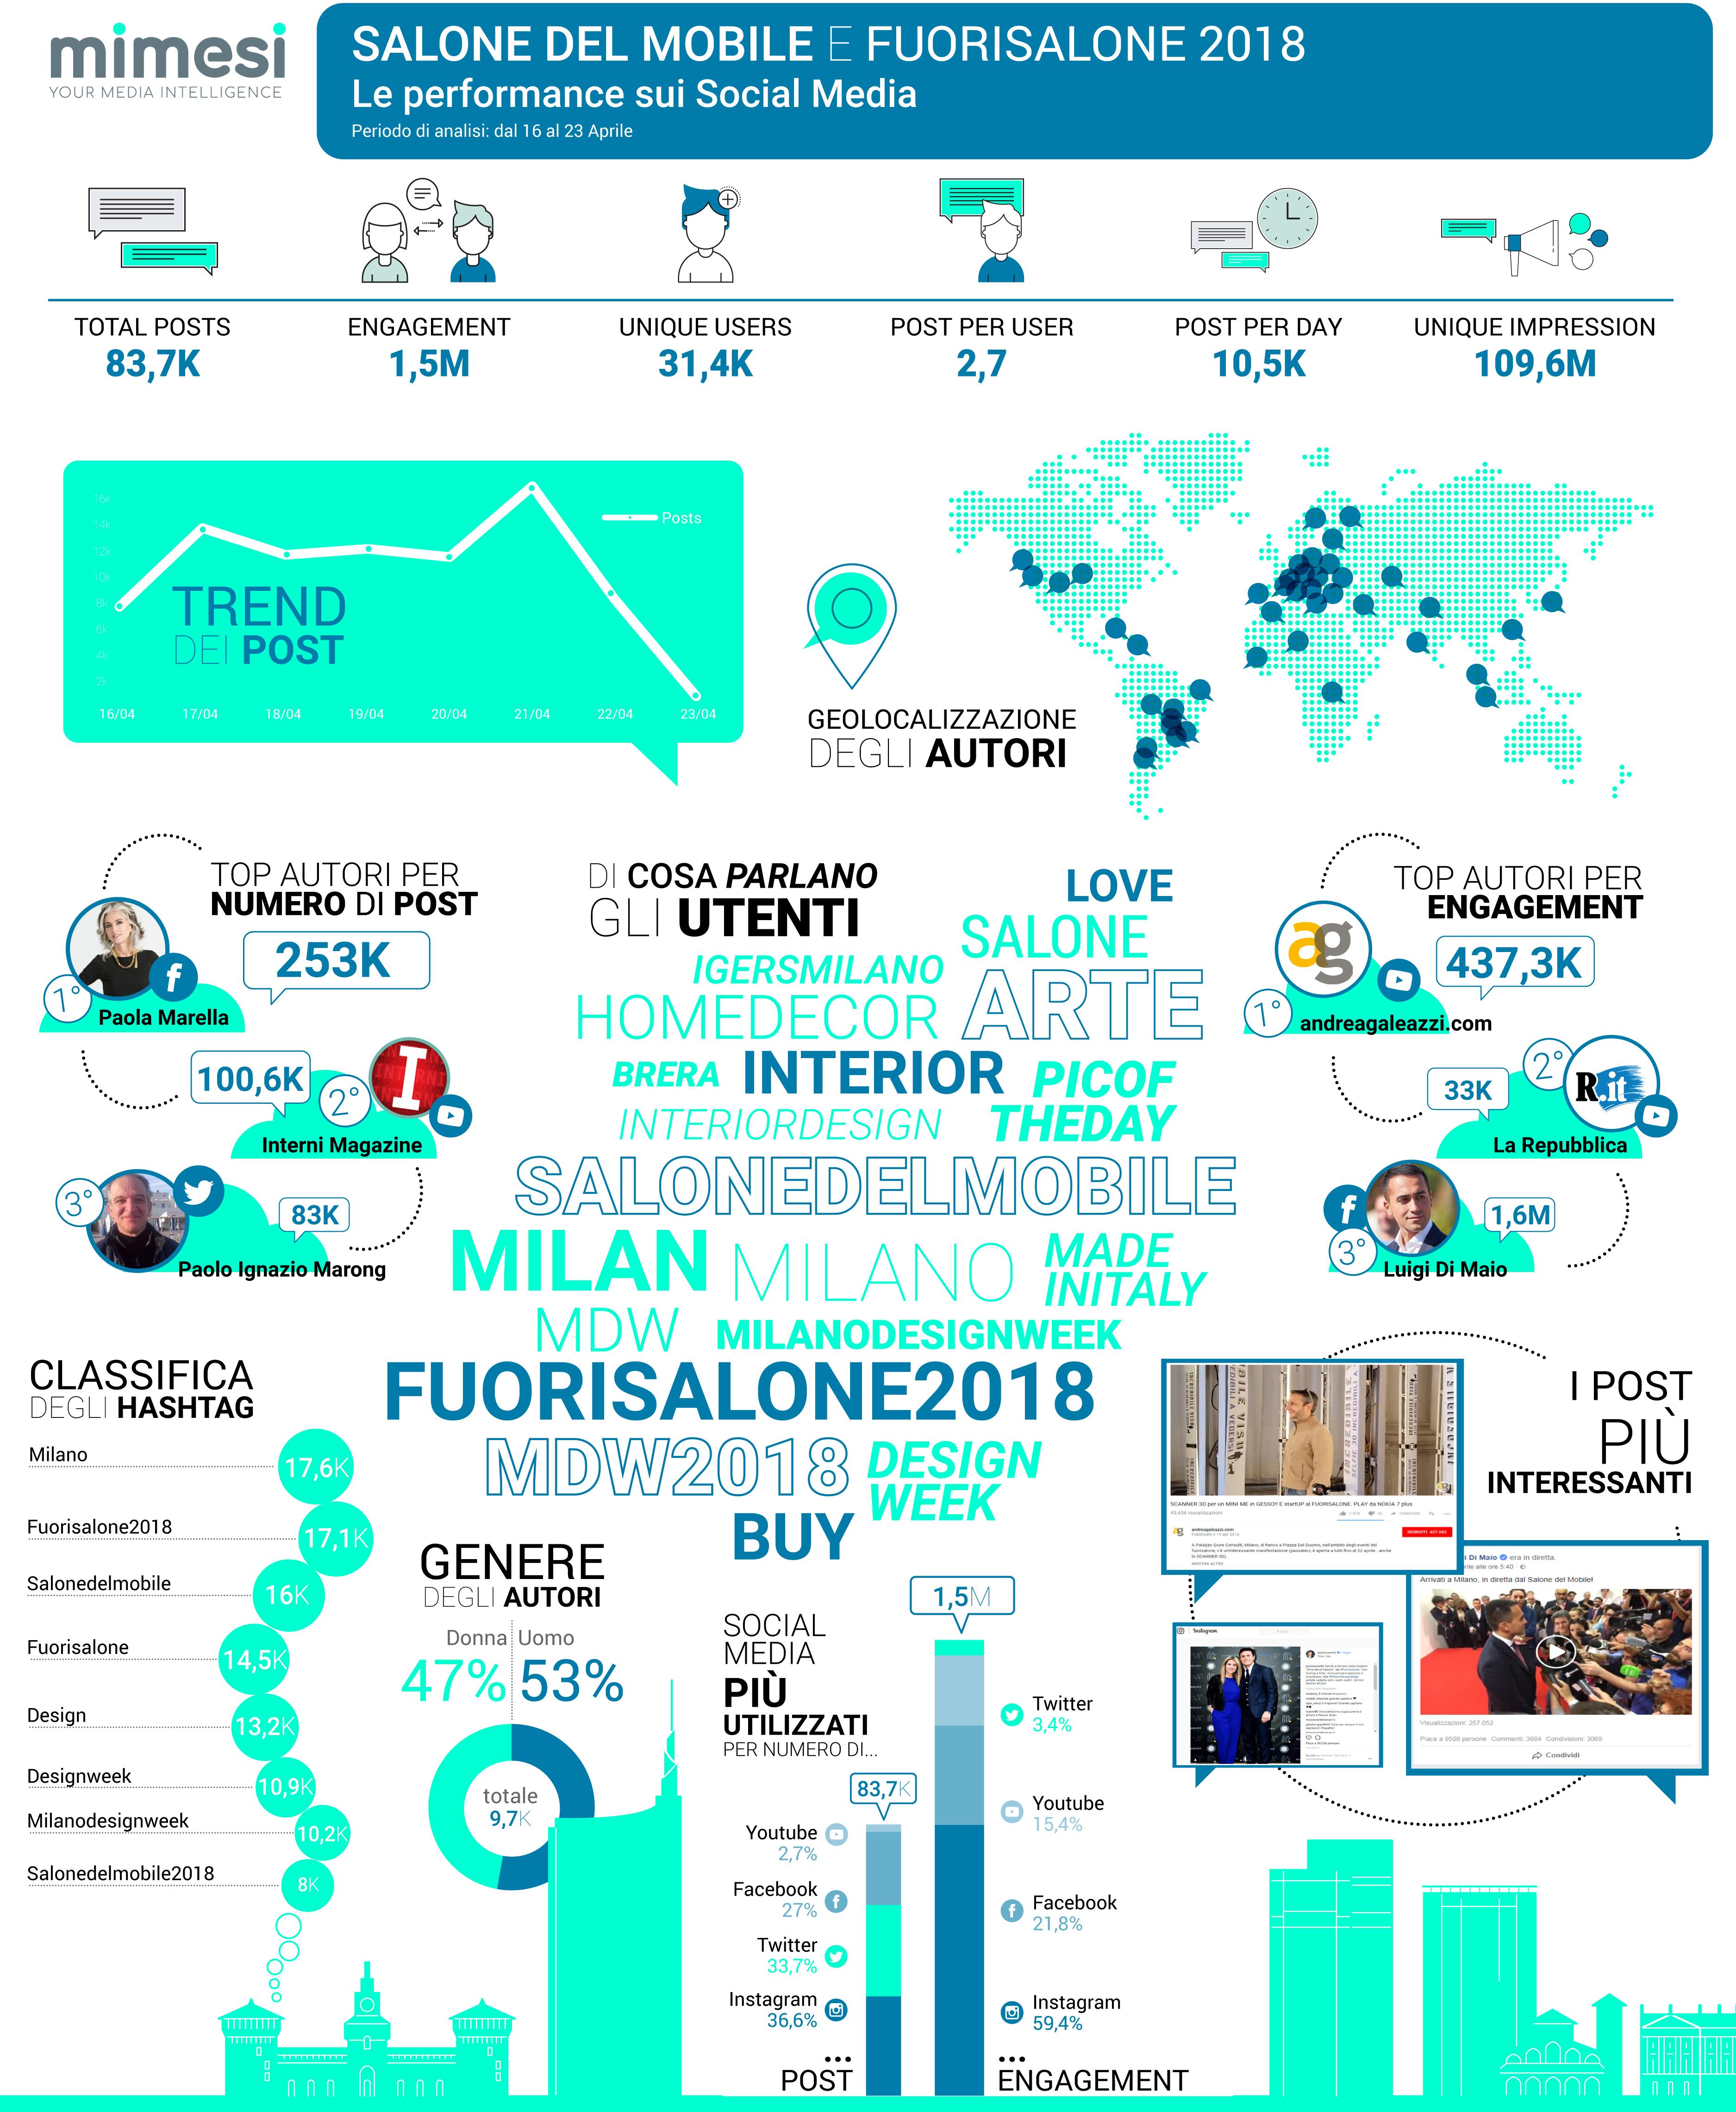 infografica-salone-del-mobile-def